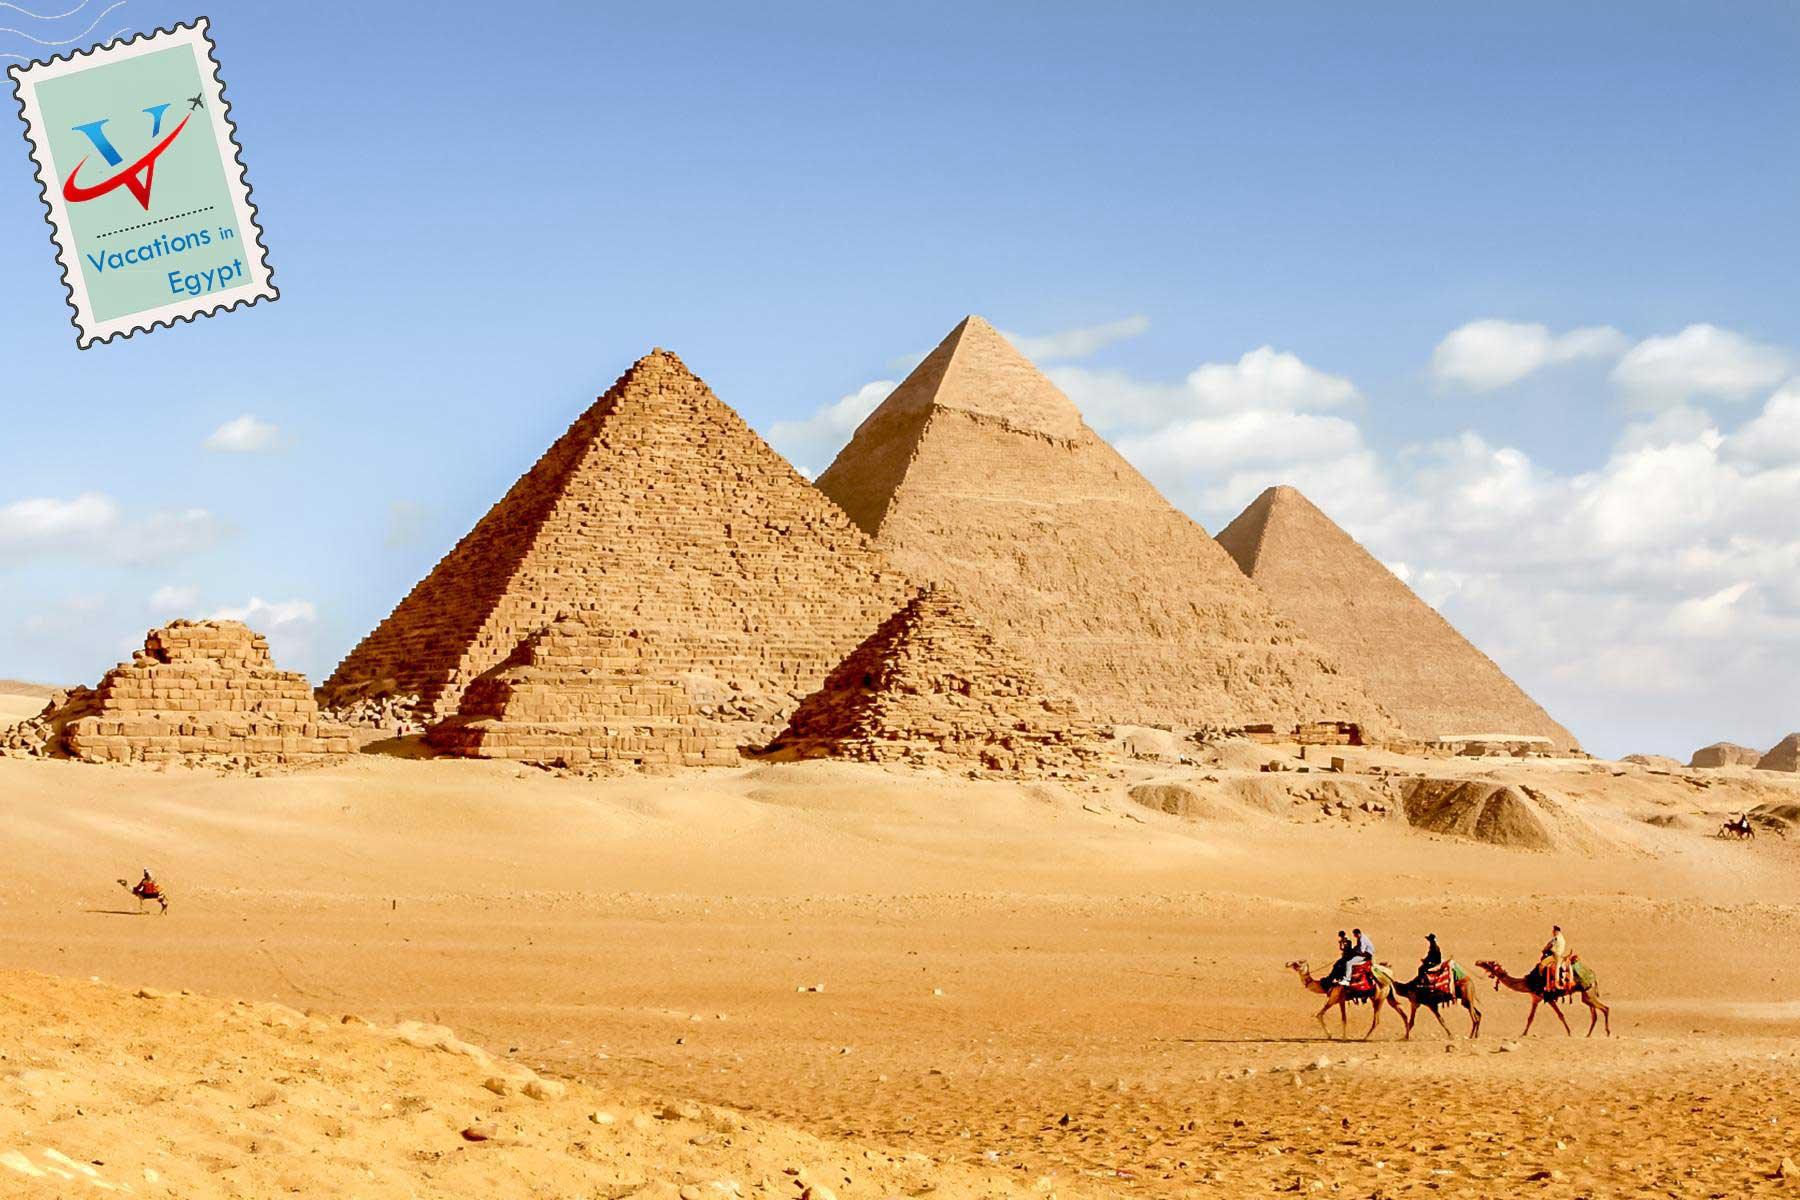 destination in egypt